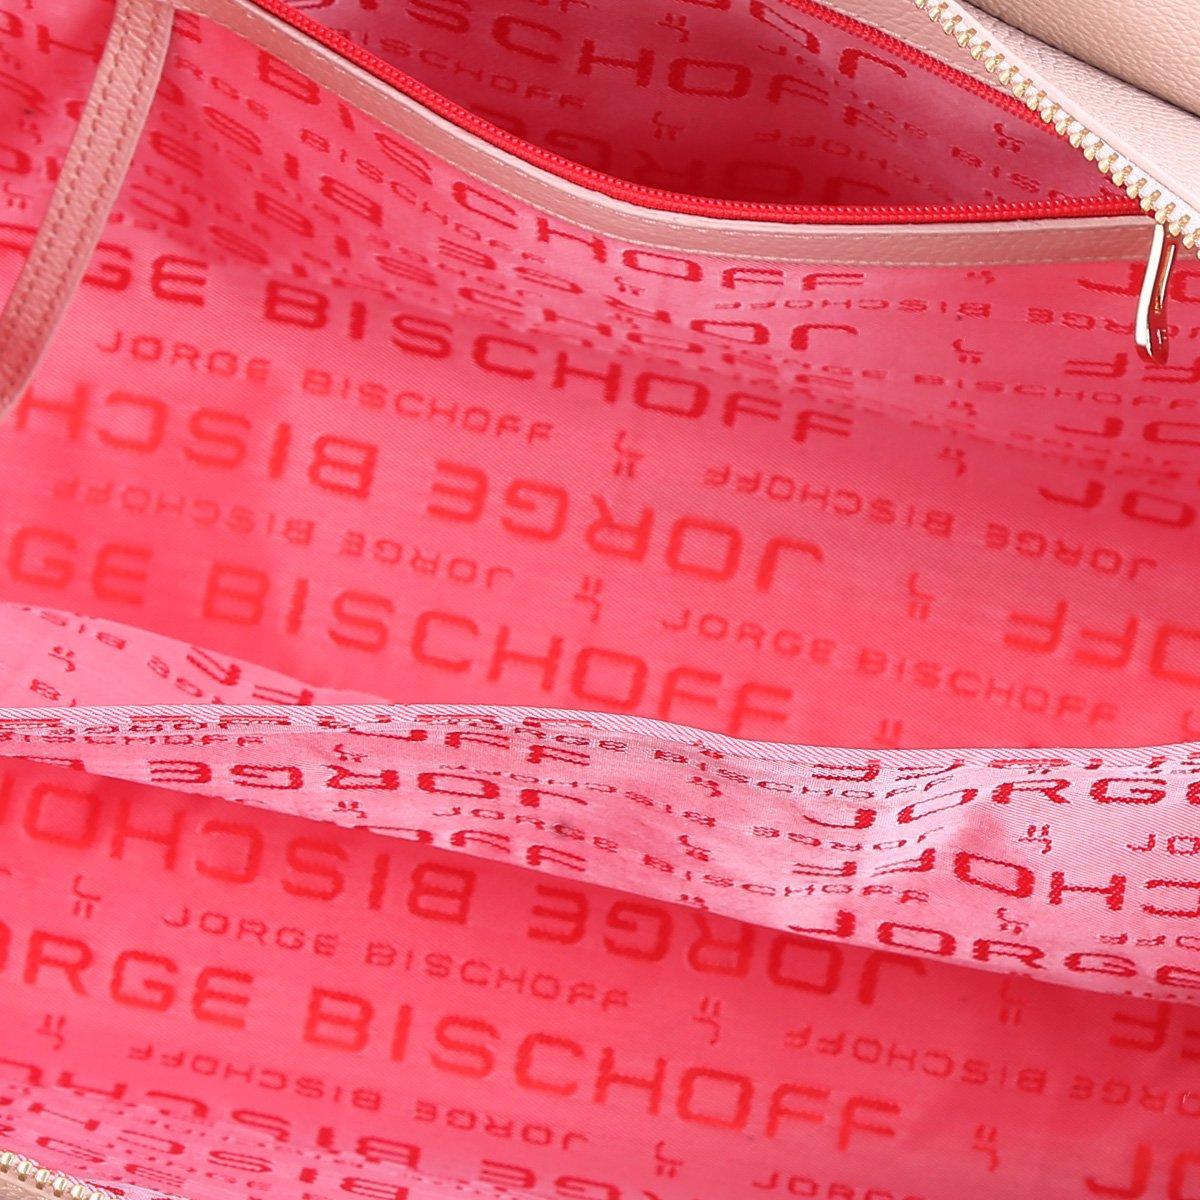 Bischoff Feminina Couro Jorge Nude Jorge Tote Bolsa Tote Bischoff Nude Couro Bolsa Croco Croco Feminina xqYOwXvp